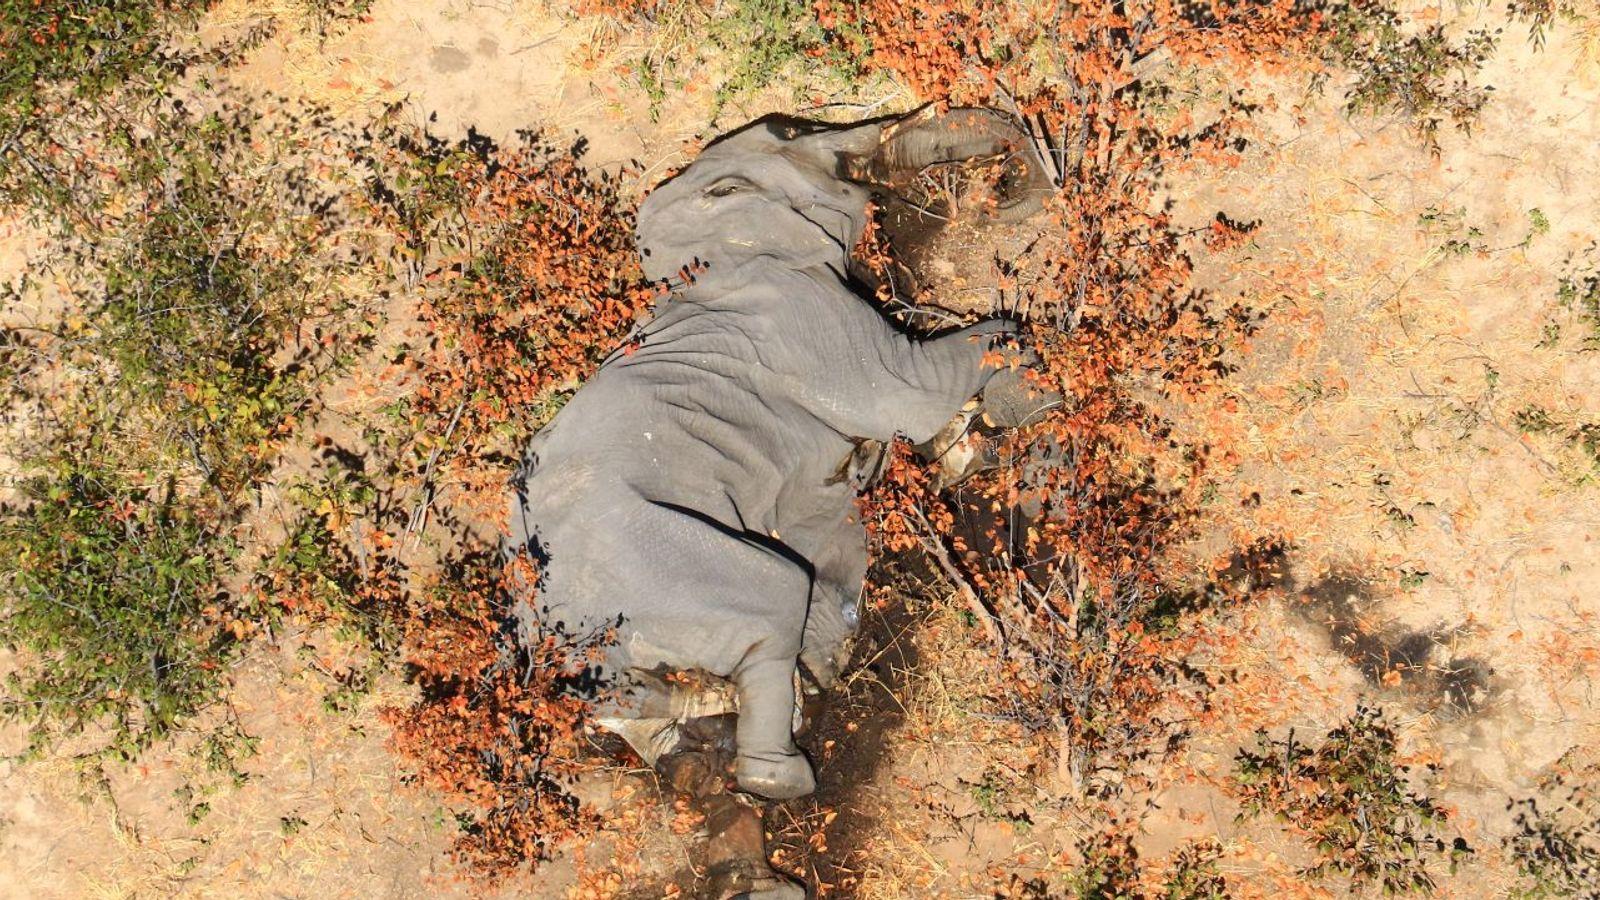 Не менее 350 слонов погибли в Ботсване при загадочных обстоятельствах